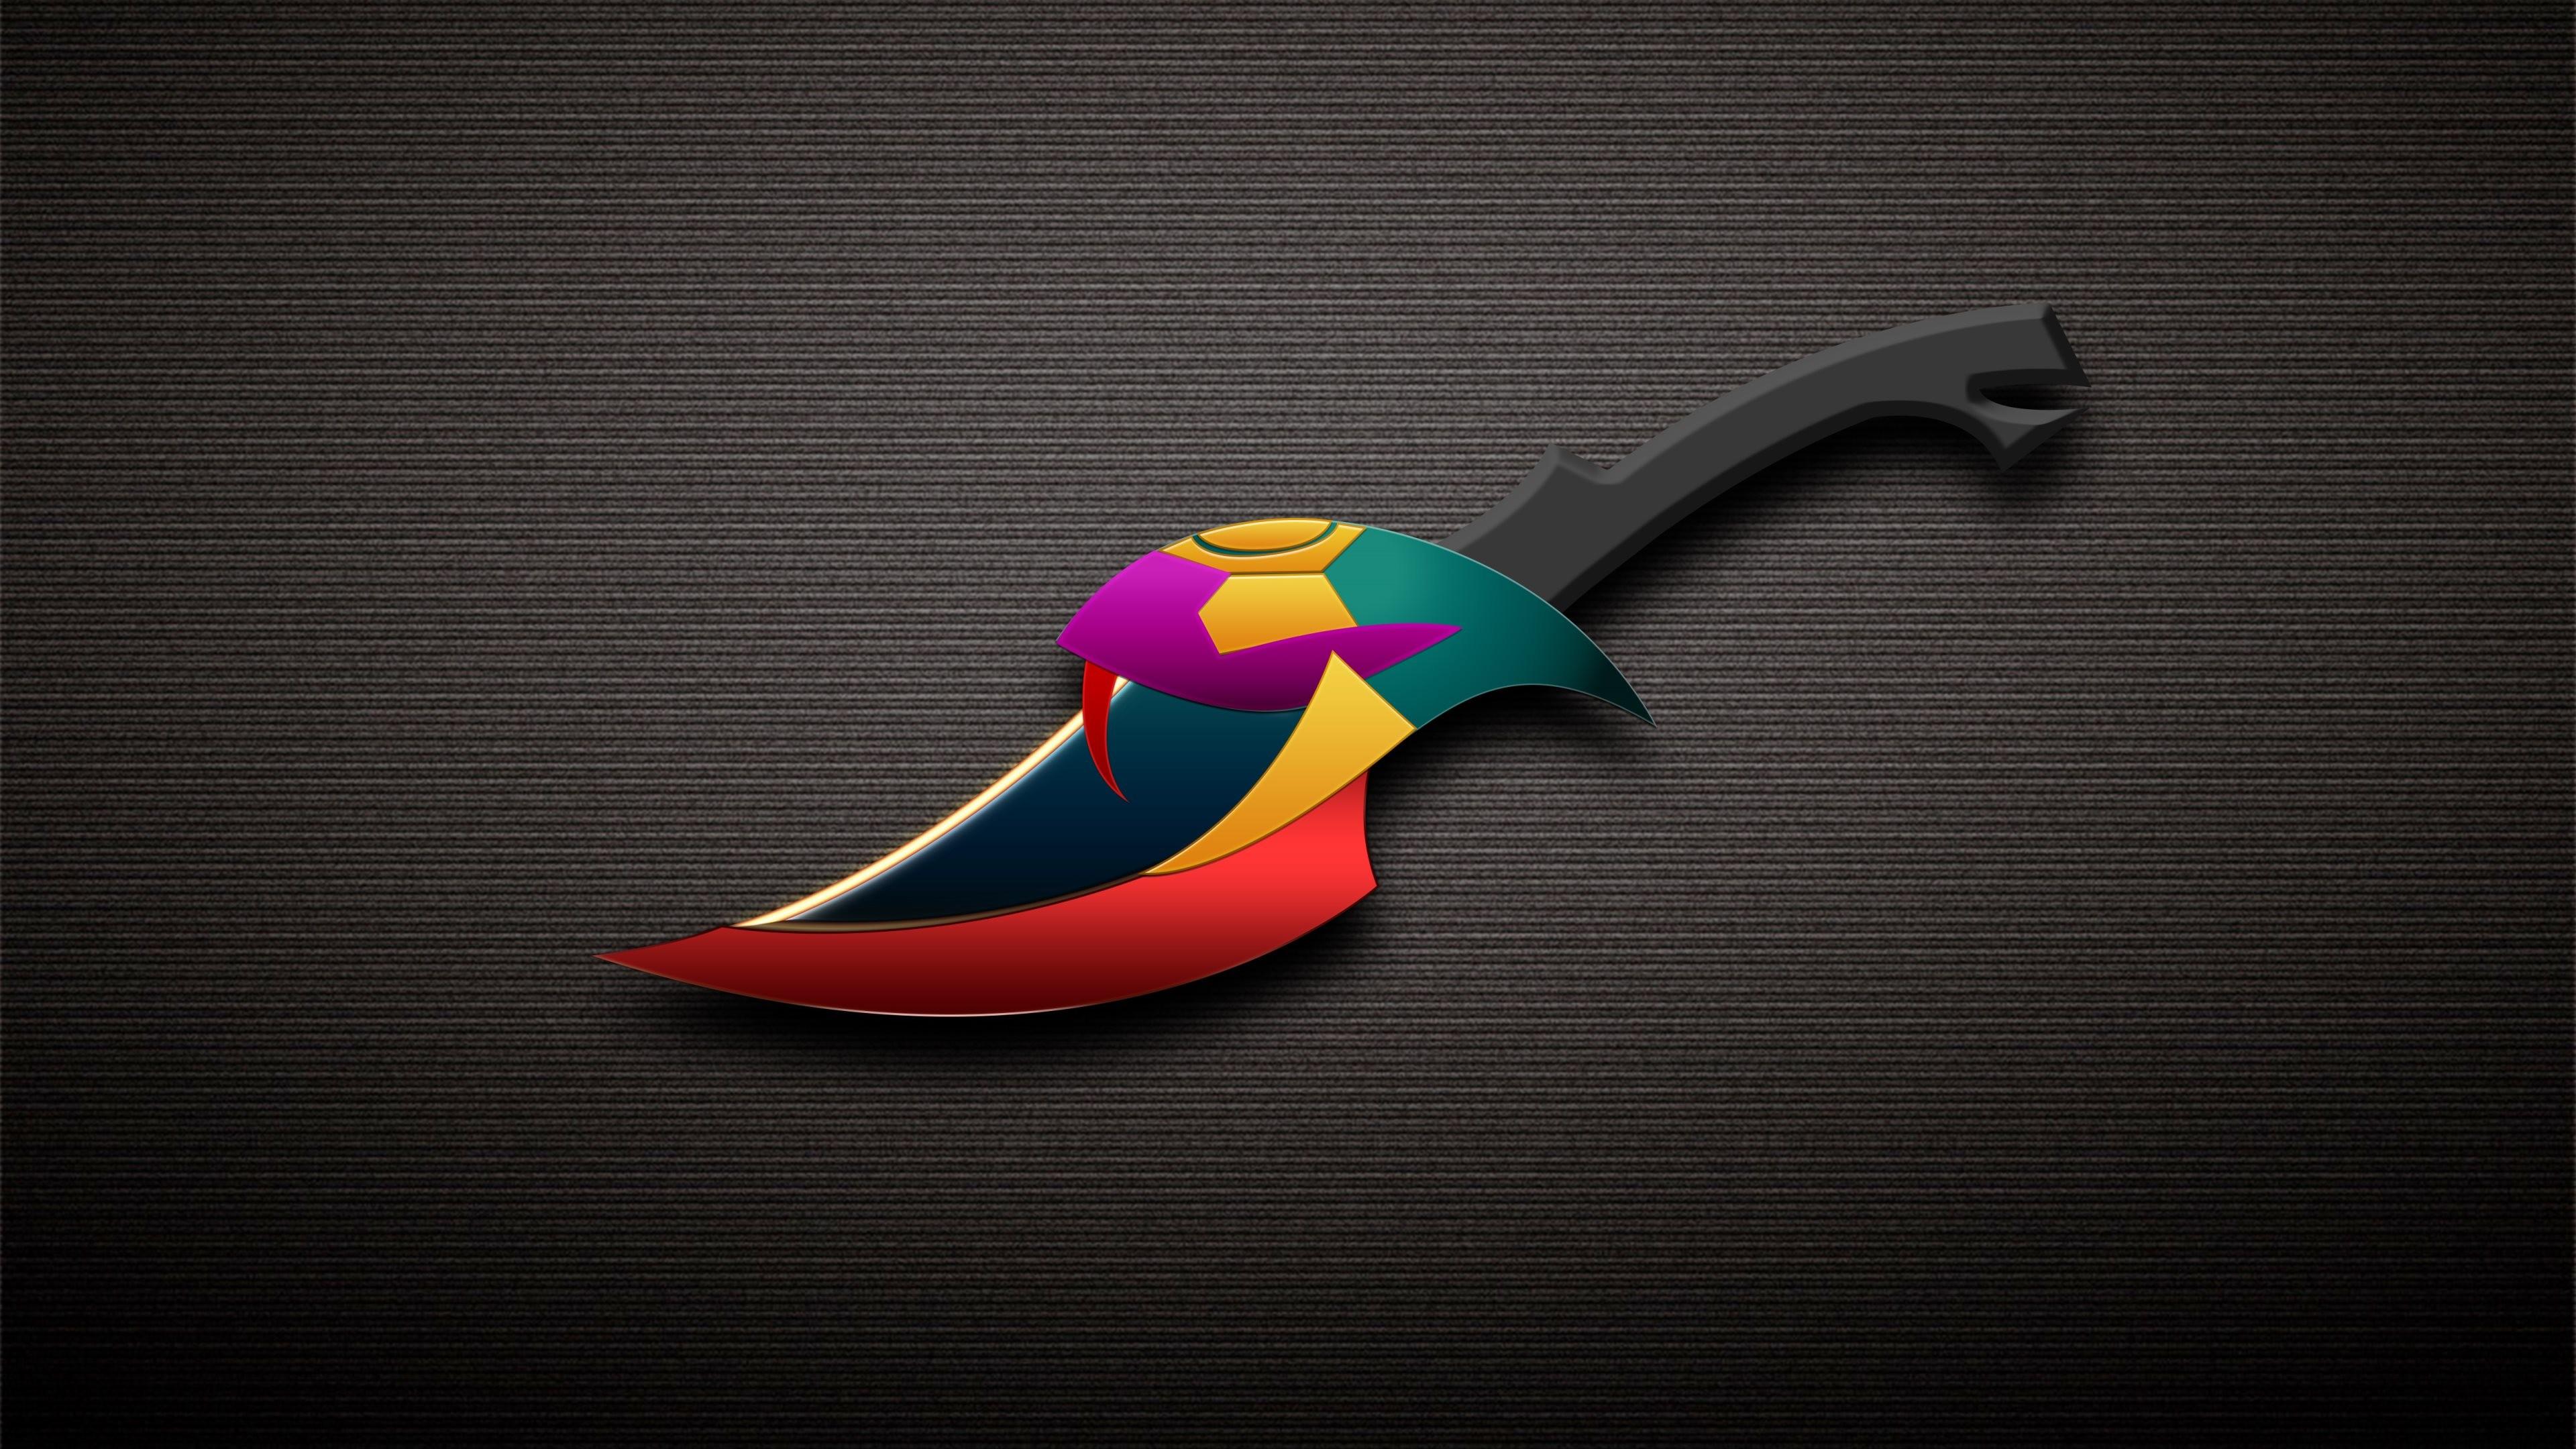 Wallpaper 5: Pokemon Swords. Ultra HD 4K 3840×2160